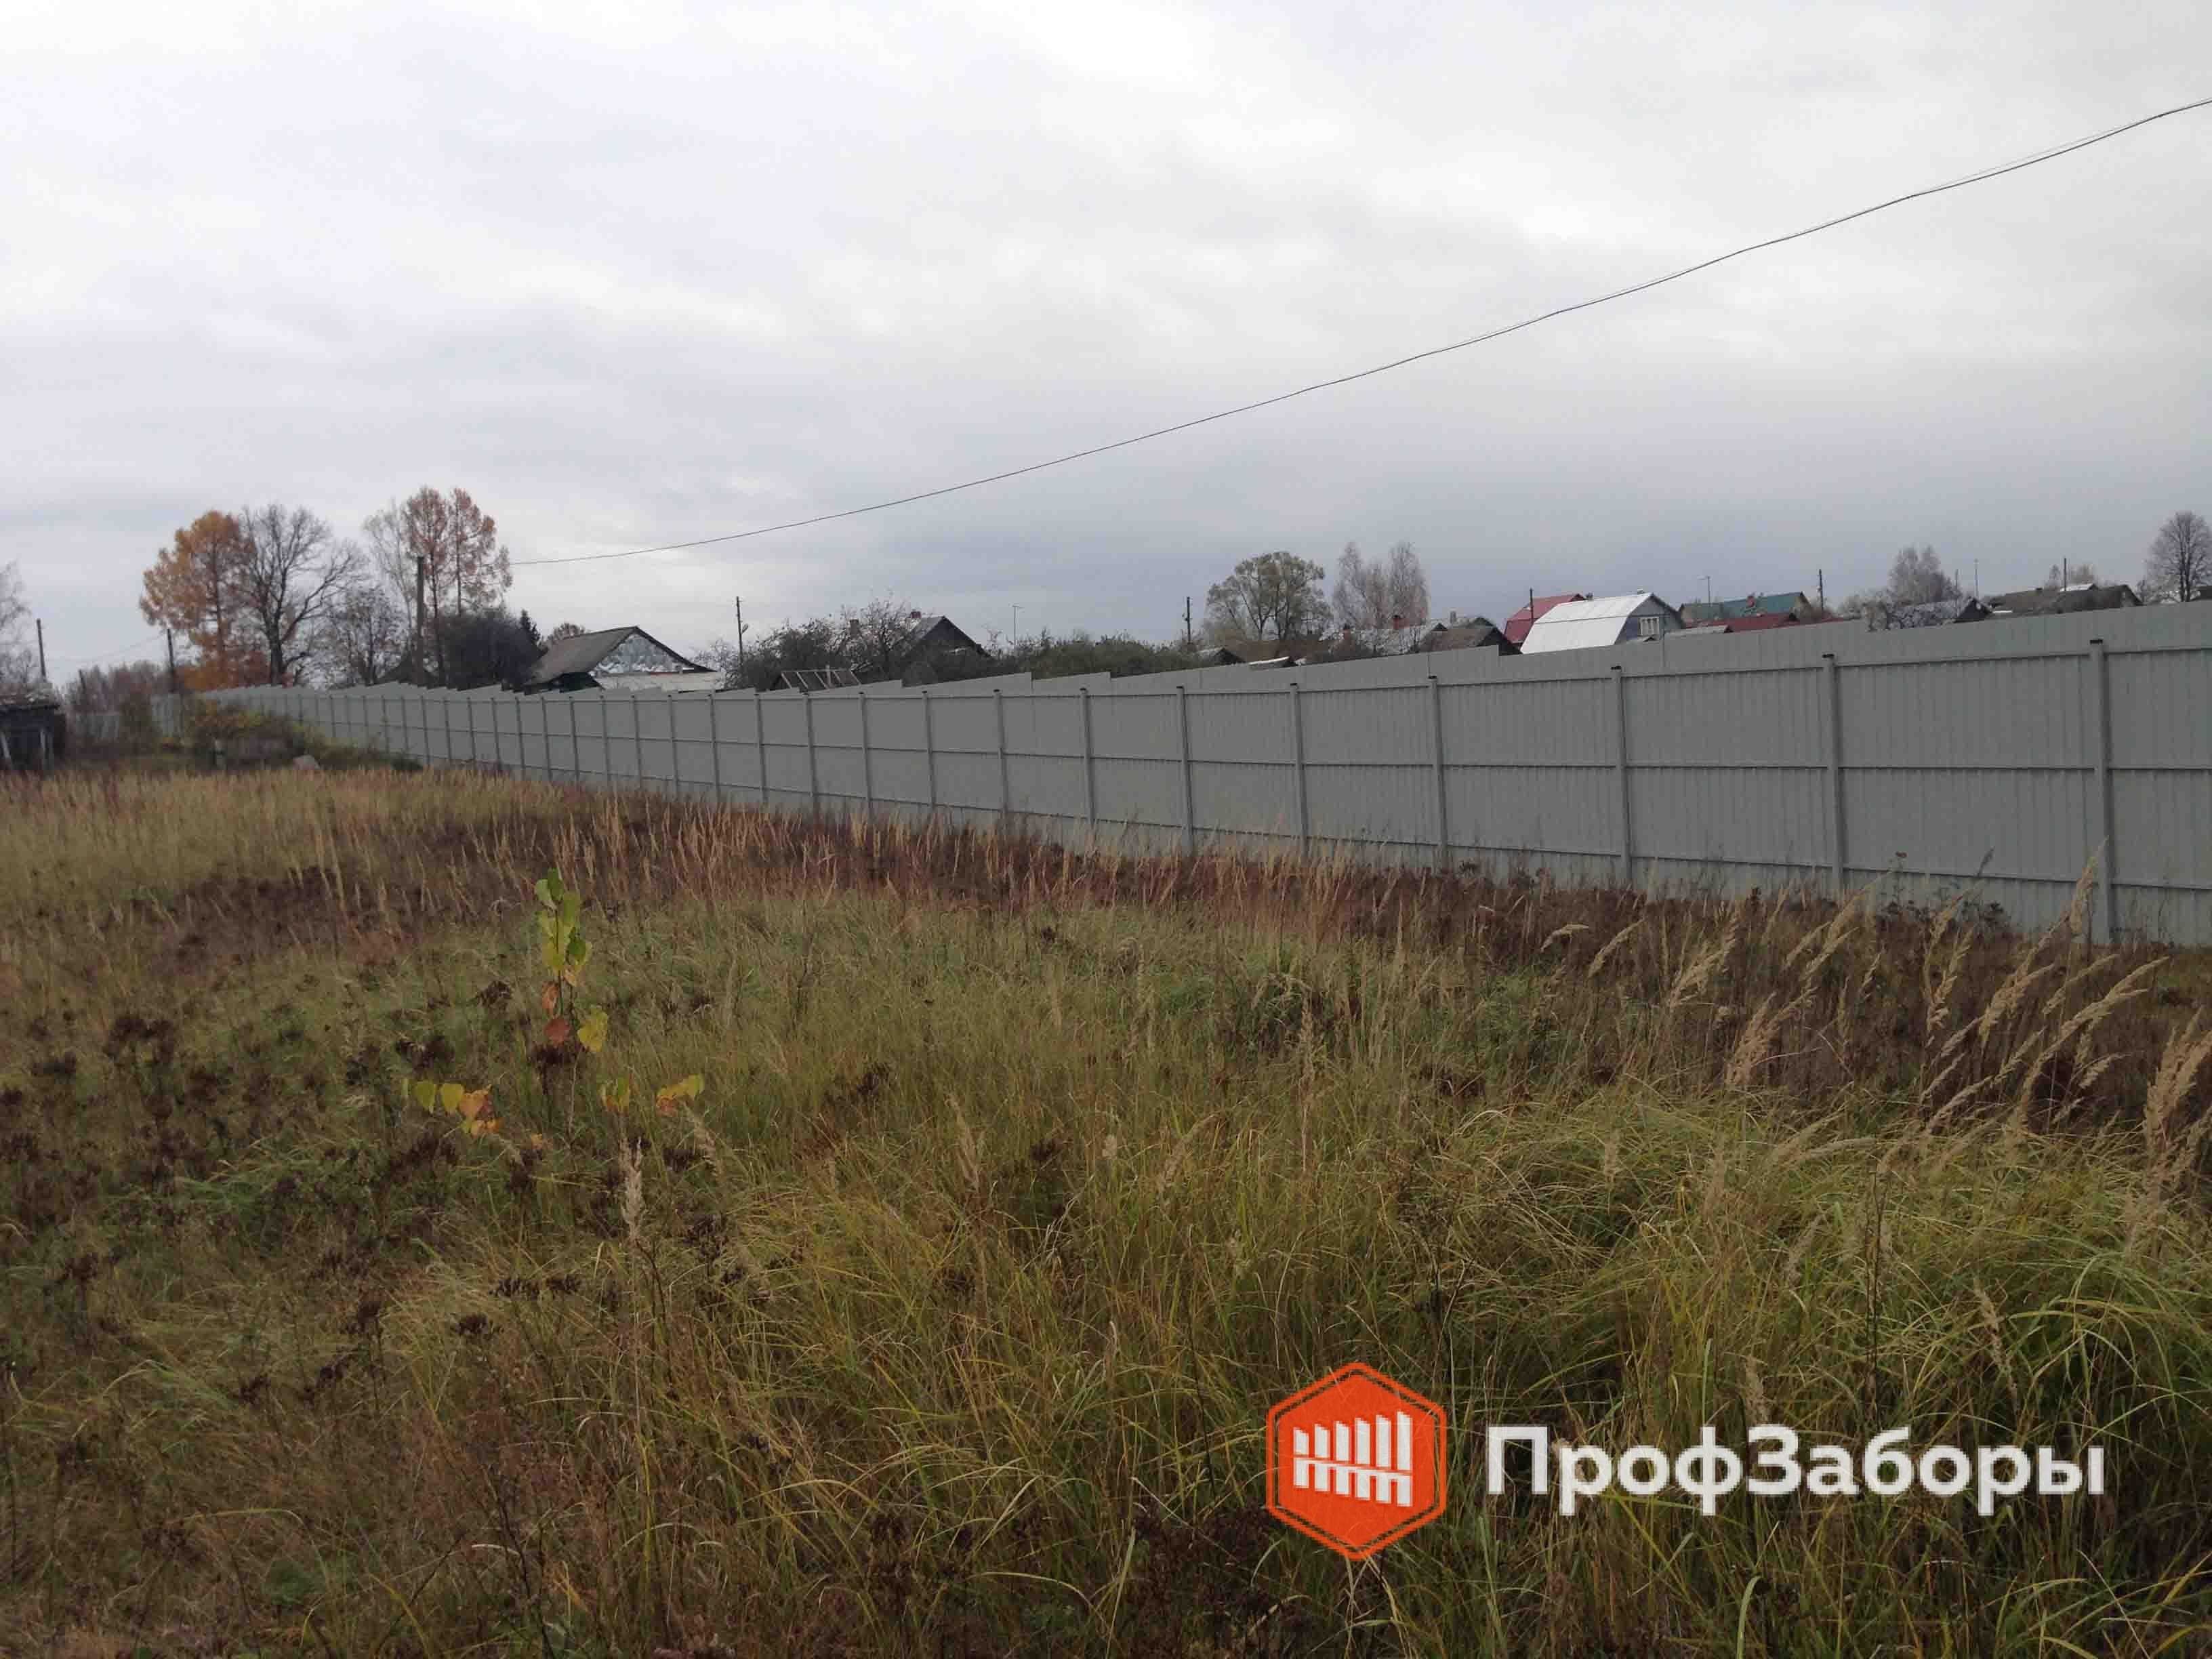 Заборы Из профнастила  - Раменский район. Фото 3